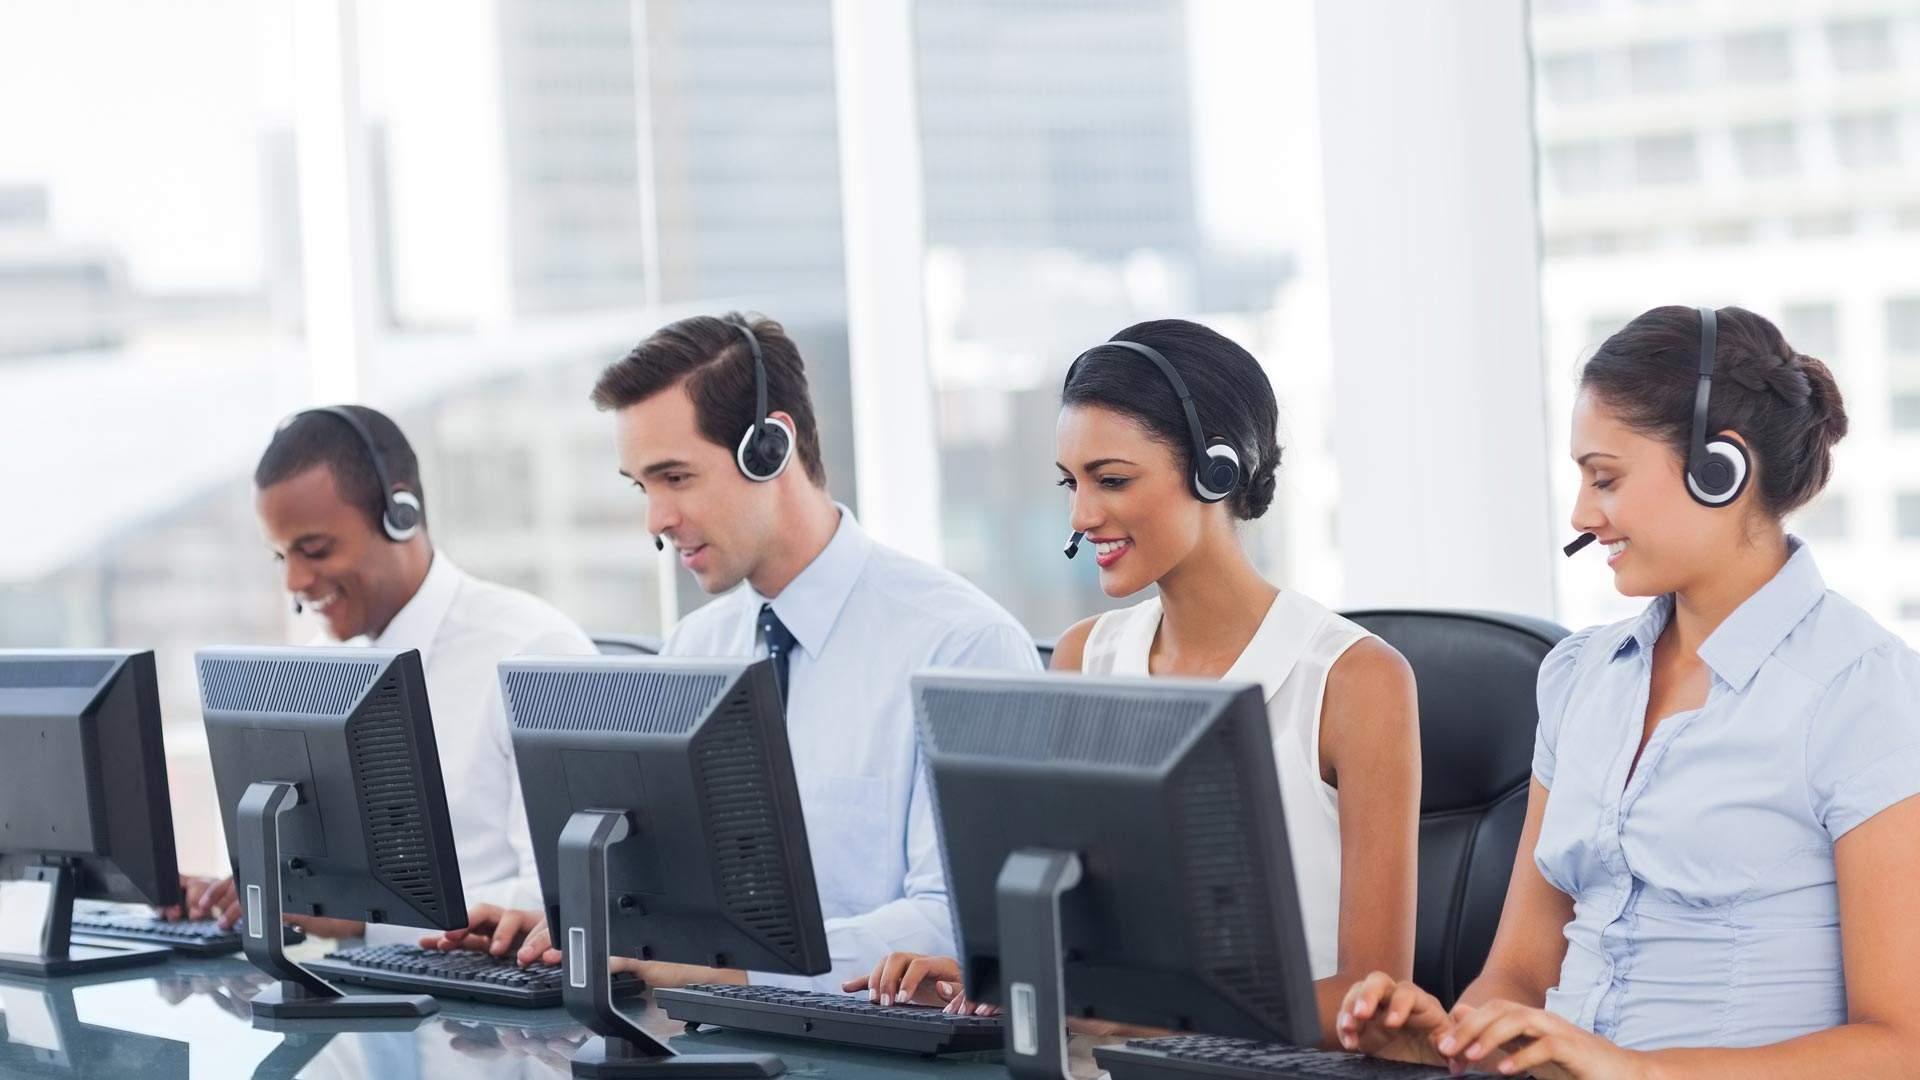 Quais são as vantagens e desvantagens de ter um call center em sua empresa?